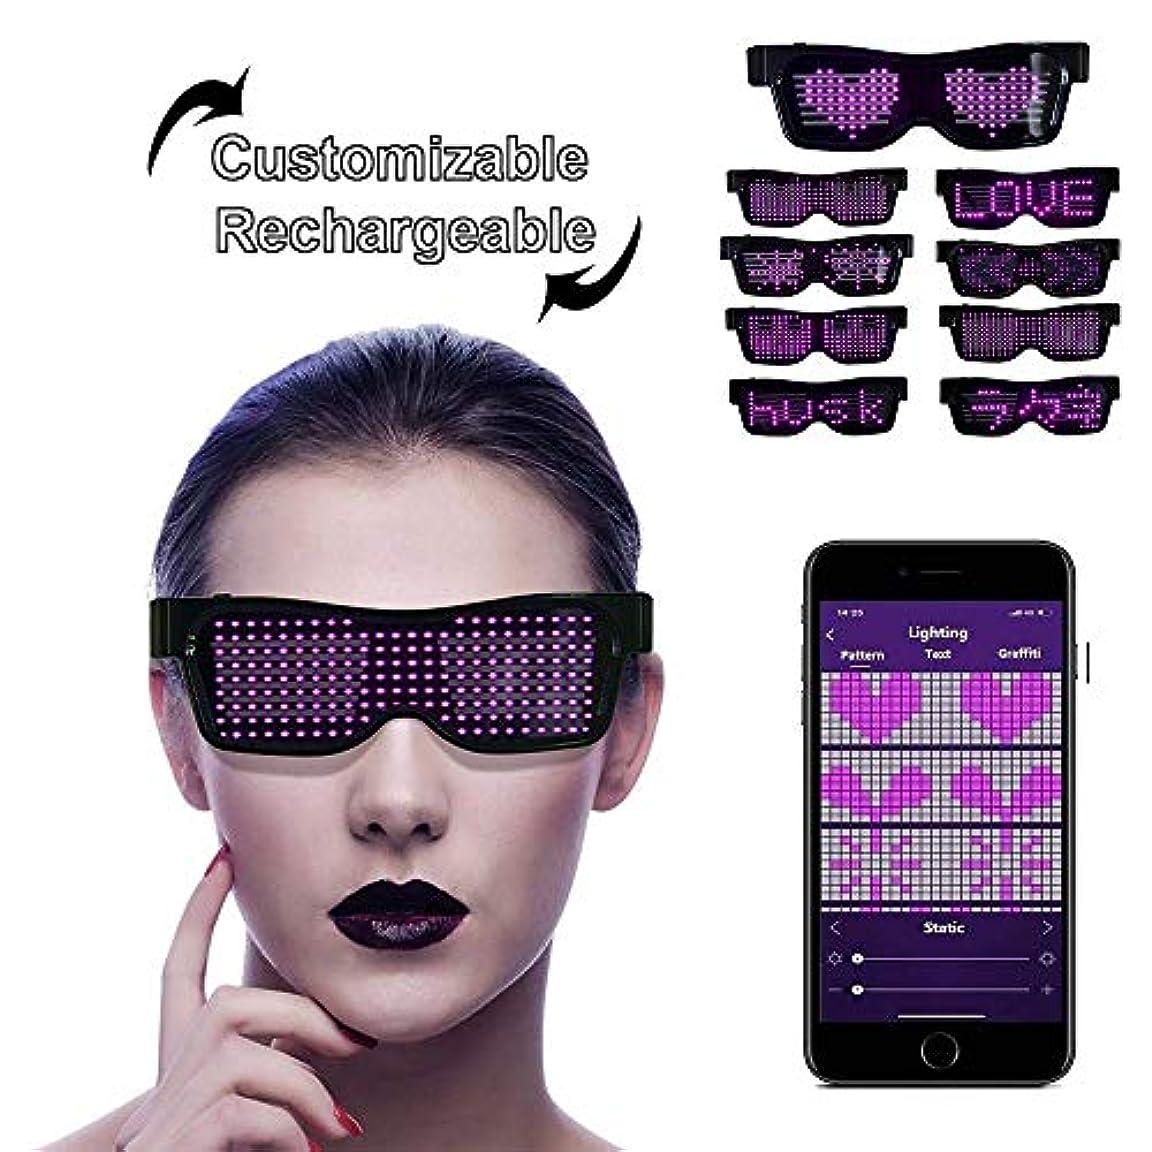 最後に証明する船形LEDサングラス, LEDメガネ ブルートゥースLEDパーティーメガネカスタマイズ可能なLEDメガネUSB充電式9モードワイヤレス点滅LEDディスプレイ、フェスティバル用グロー眼鏡レイヴパーティー